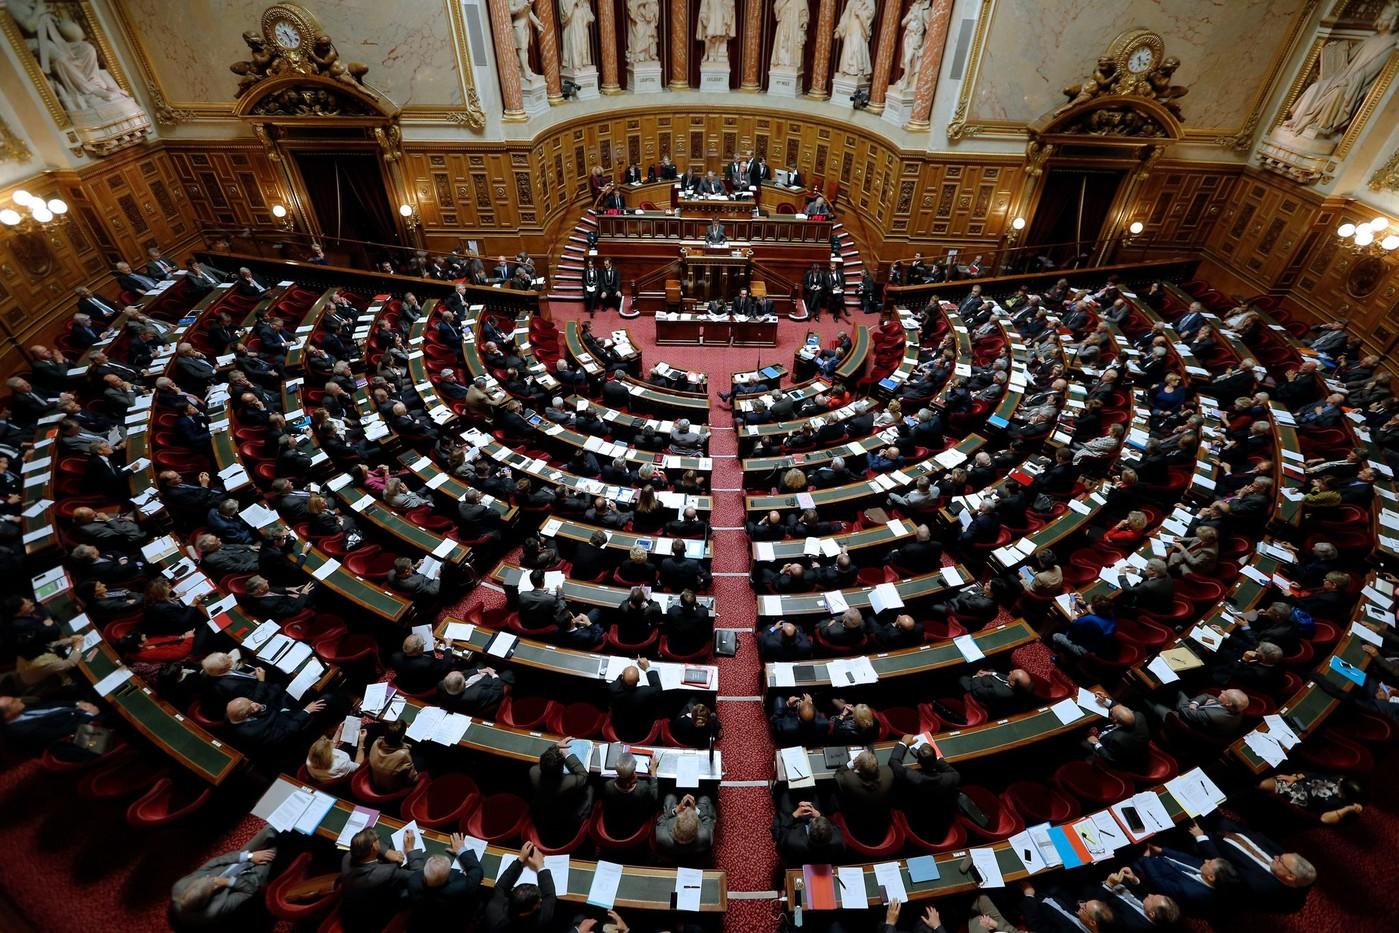 البرلمان الفرنسى يوافق على تمديد الطوارئ الصحية بالبلاد حتى يونيو